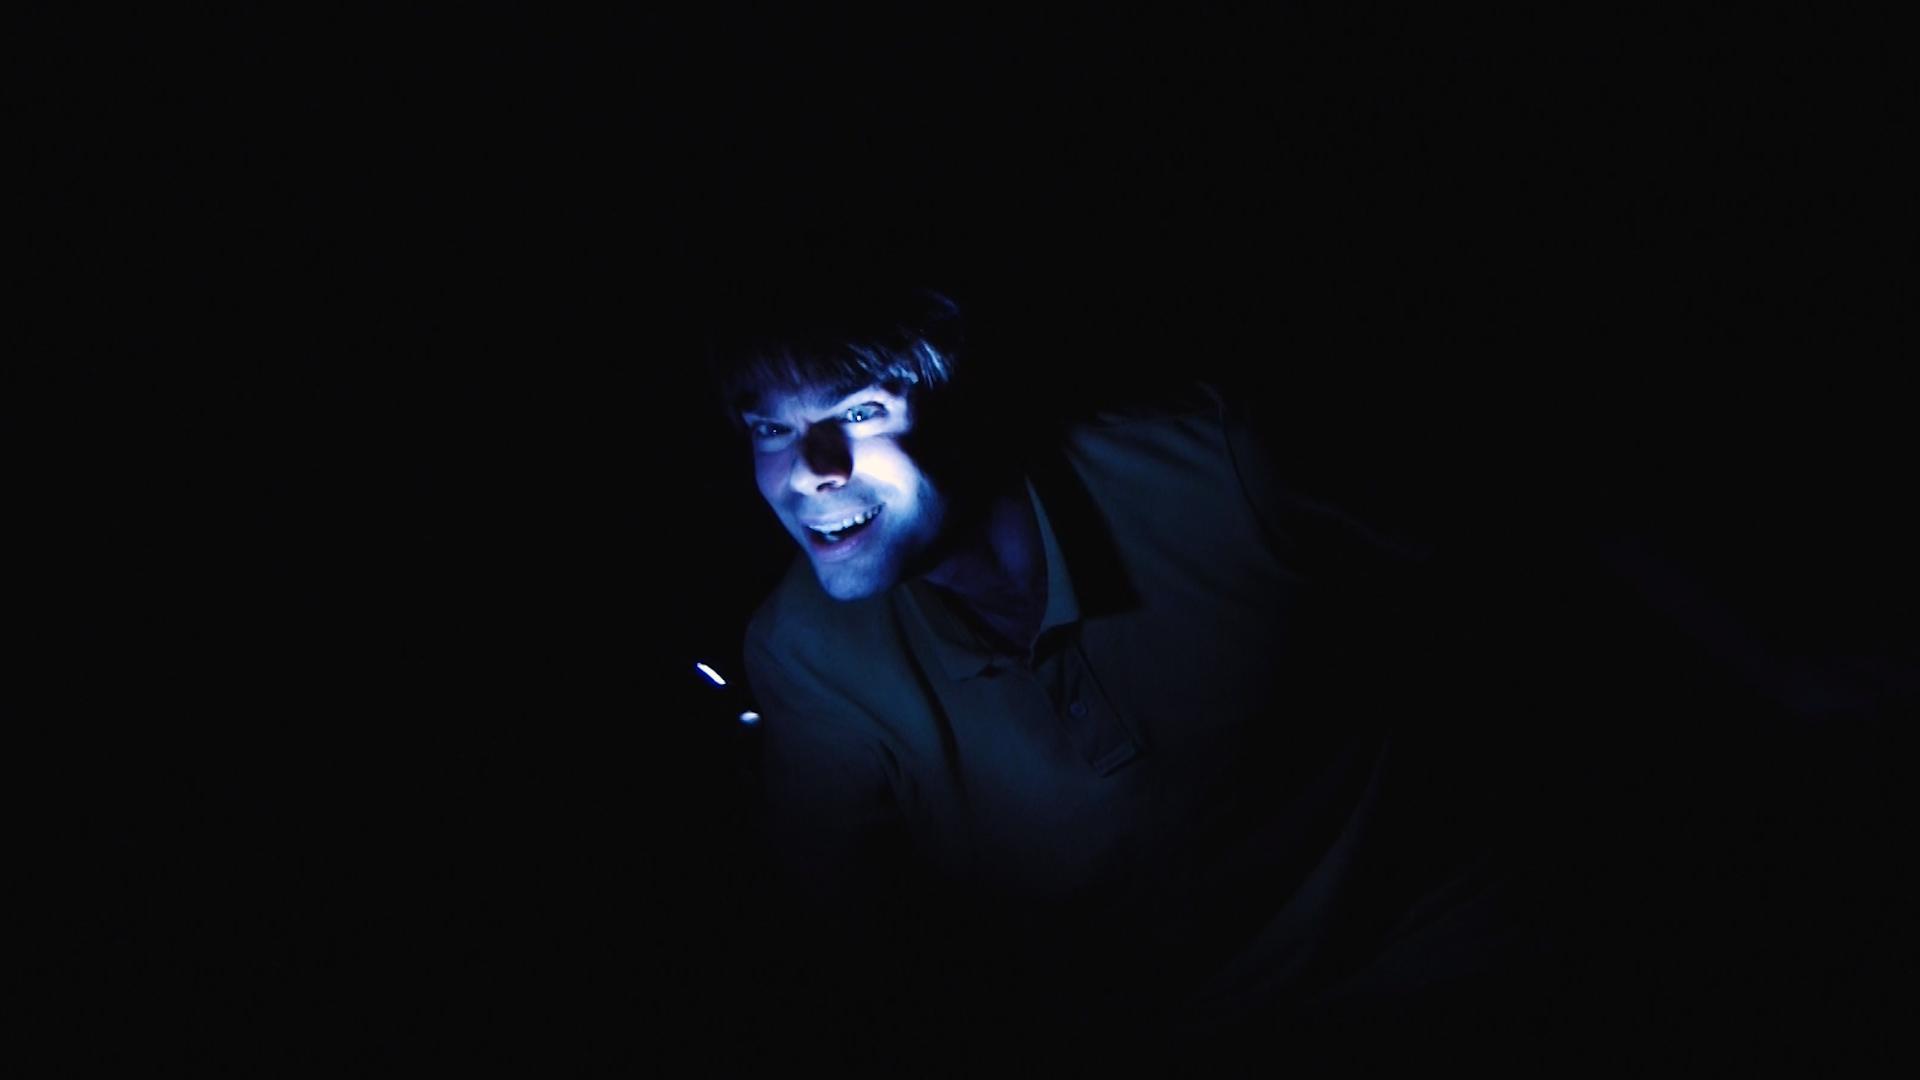 [ 2012 Novembre ] La nuit des fauves @ Gaëlis Production - Personnalites 01